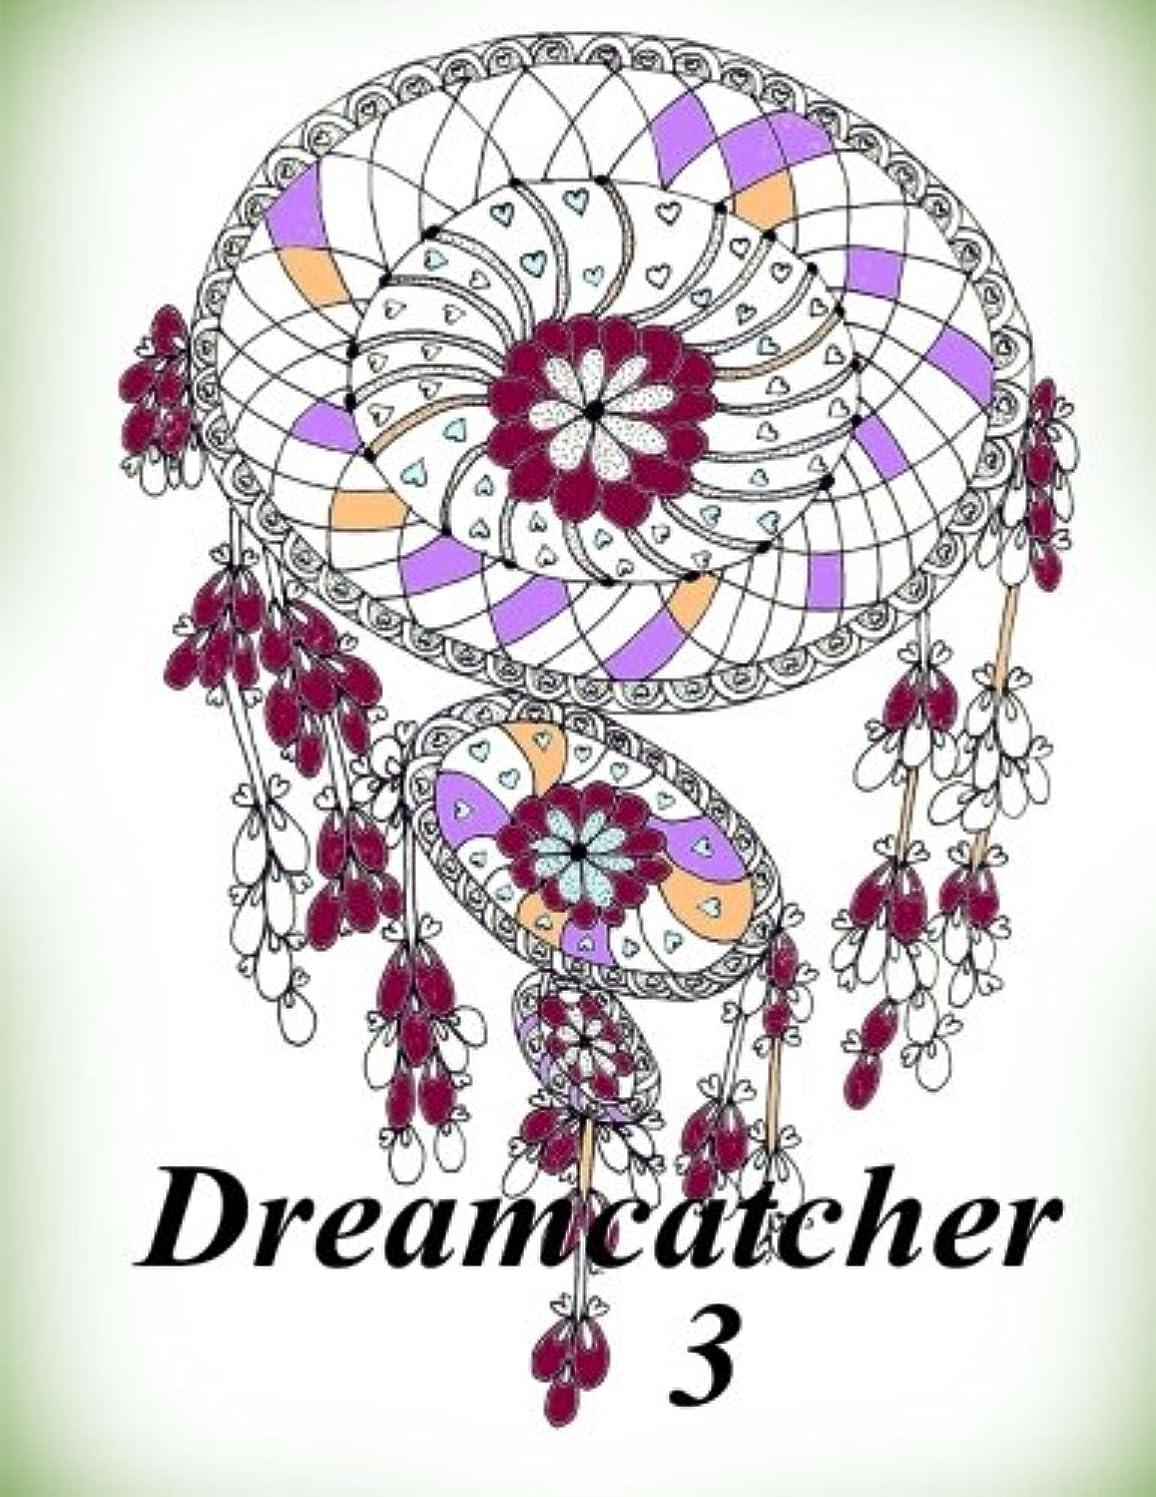 スイングトーク死すべきDreamcatcher 3 - Coloring Book (Adult Coloring Book for Relax)